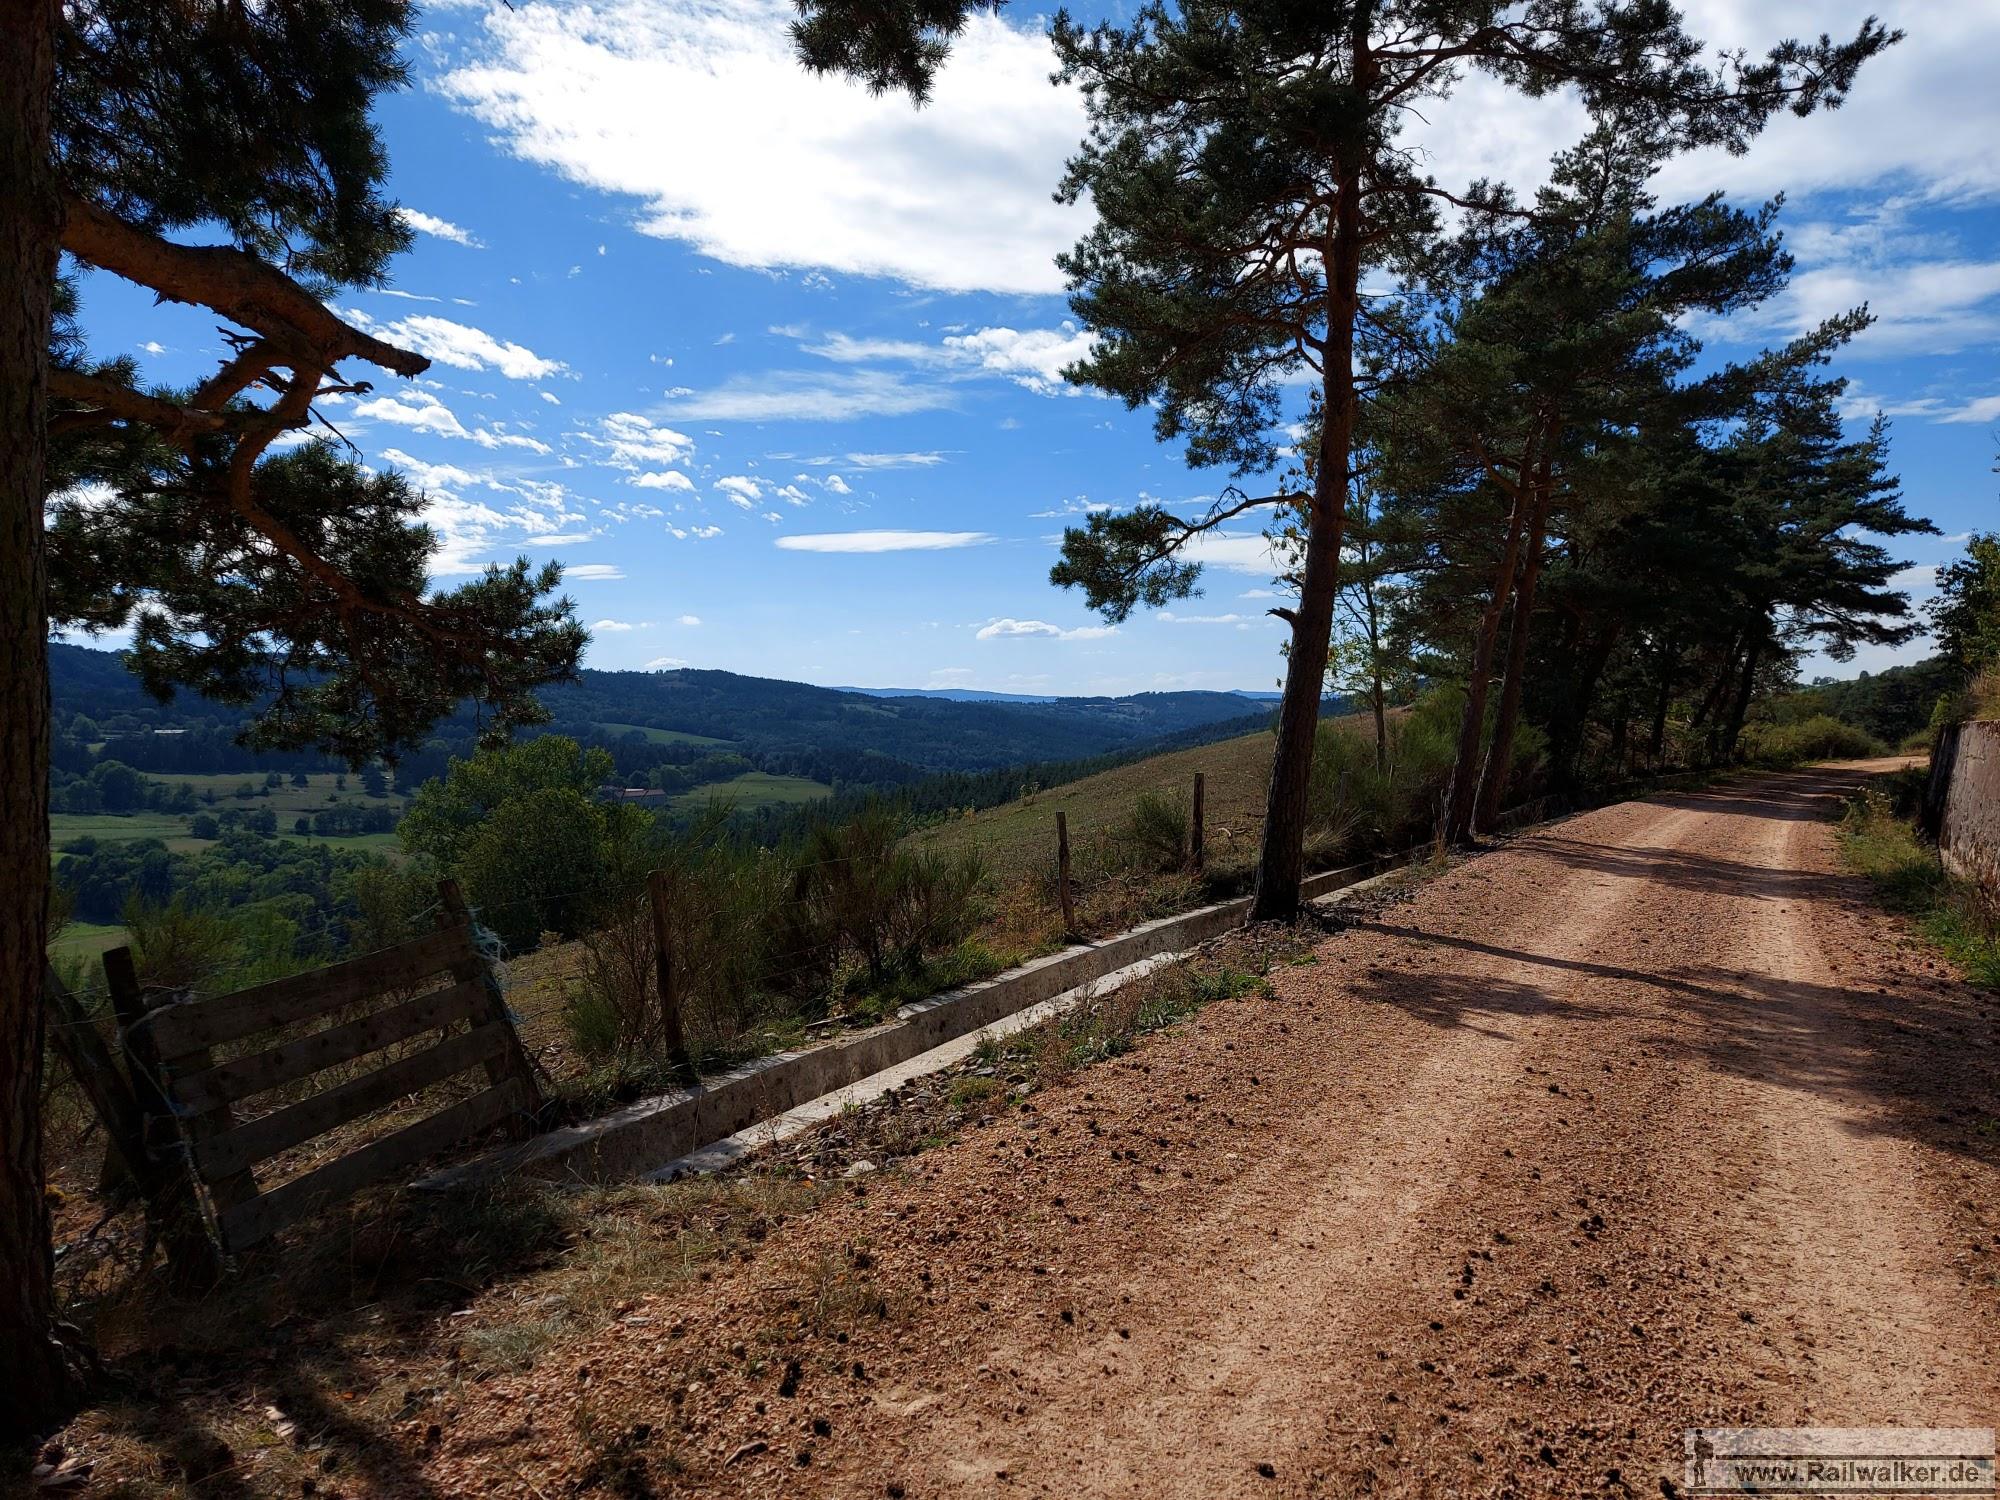 Unter geschickter Ausnutzung der Topografie klettert die Bahnstrecke von Le Puy aus über 400m in die Höhe. Dafür wurden einige langgezogene Schleifen errichtet, die den Streckenverlauf deutlich verlängerten. Oft wird der Wanderer nun mit einer guten Aussicht auf die Umgebung belohnt.